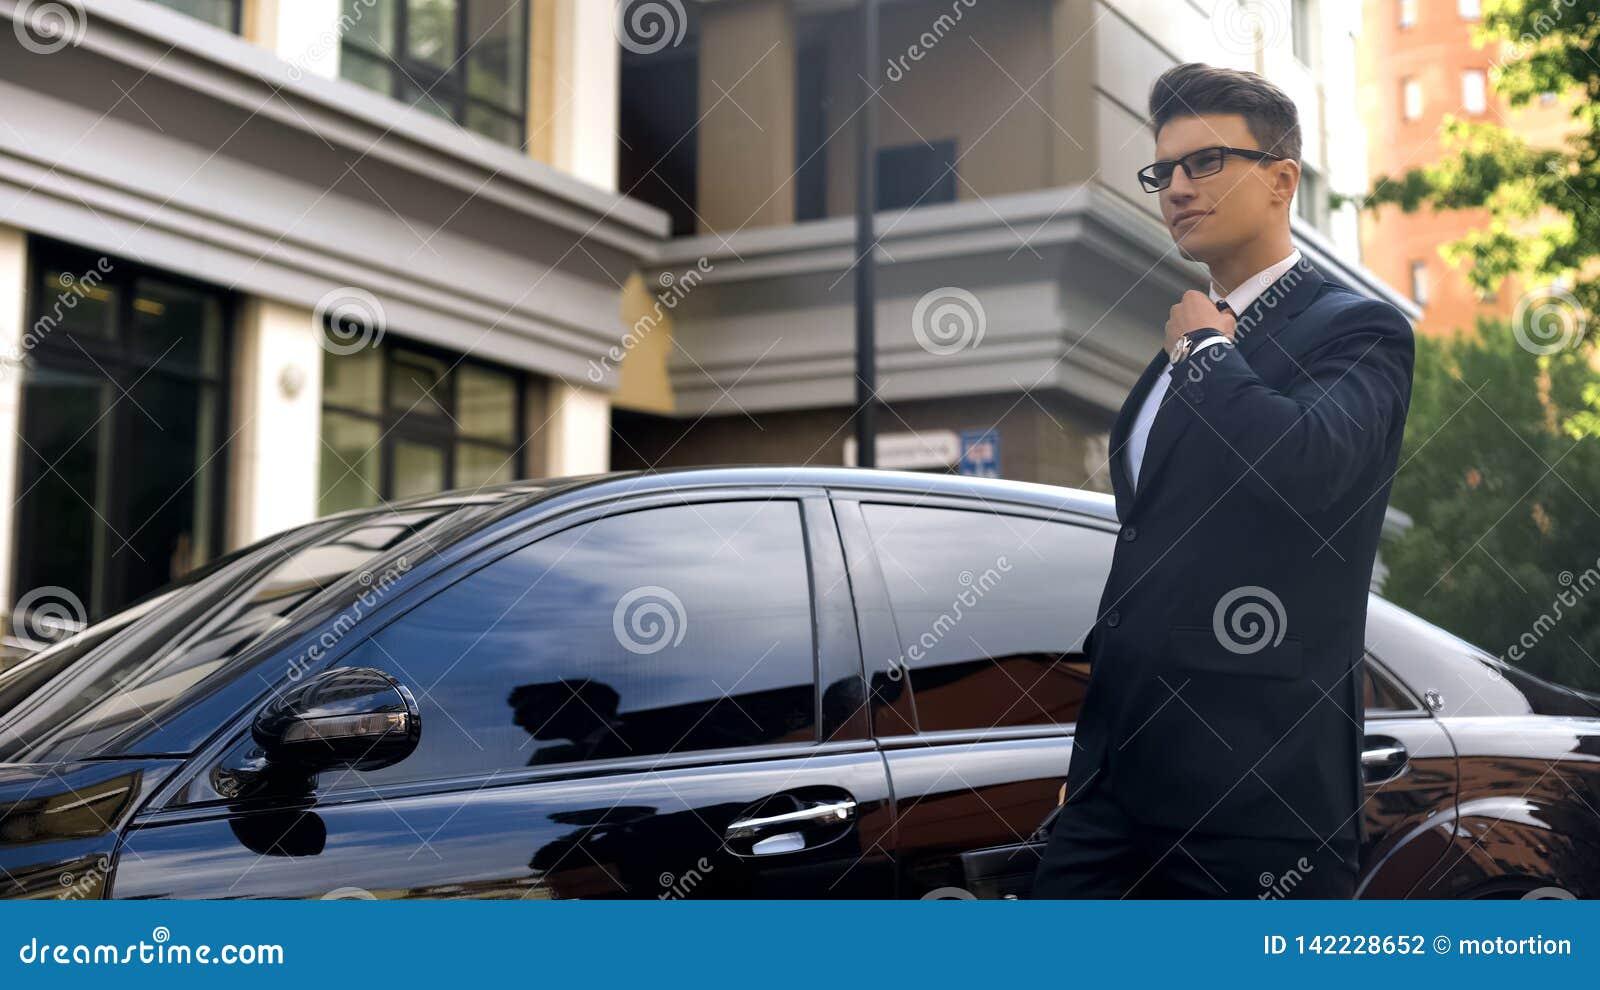 El hombre de negocios seguro de sí mismo que endereza el lazo, yendo a trabajar, alista a los desafíos